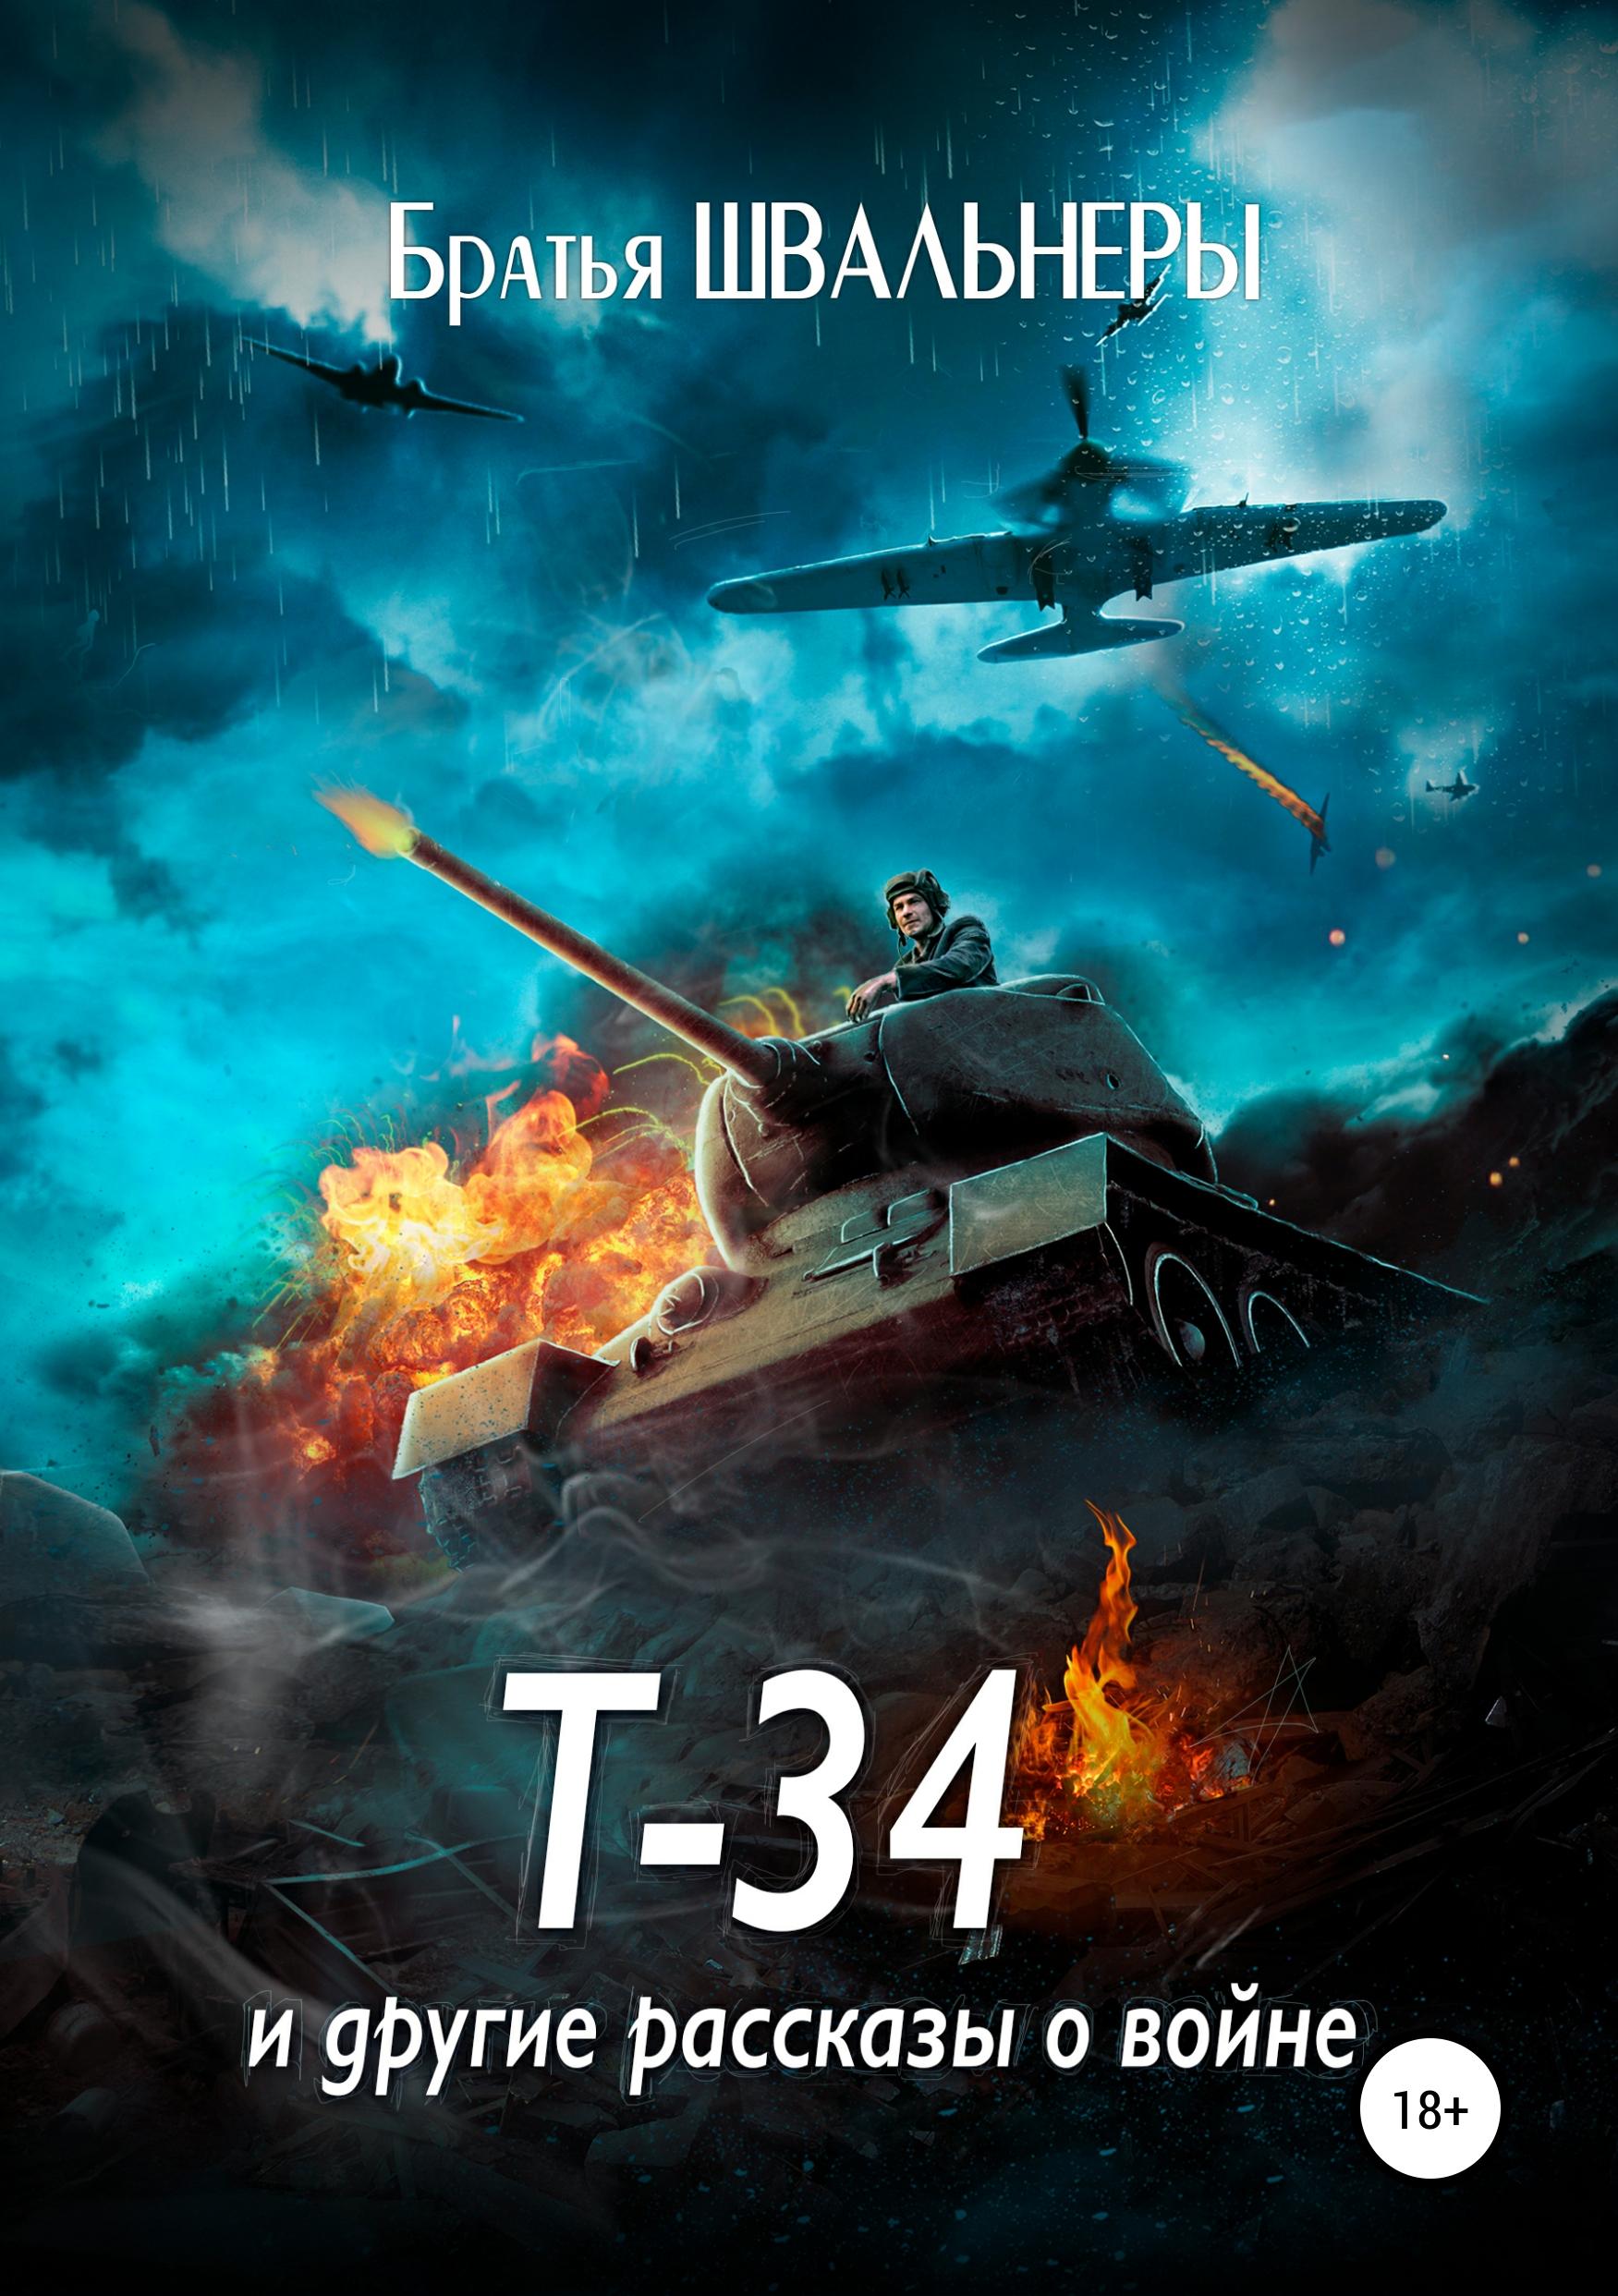 Братья Швальнеры Т-34 и другие рассказы о войне